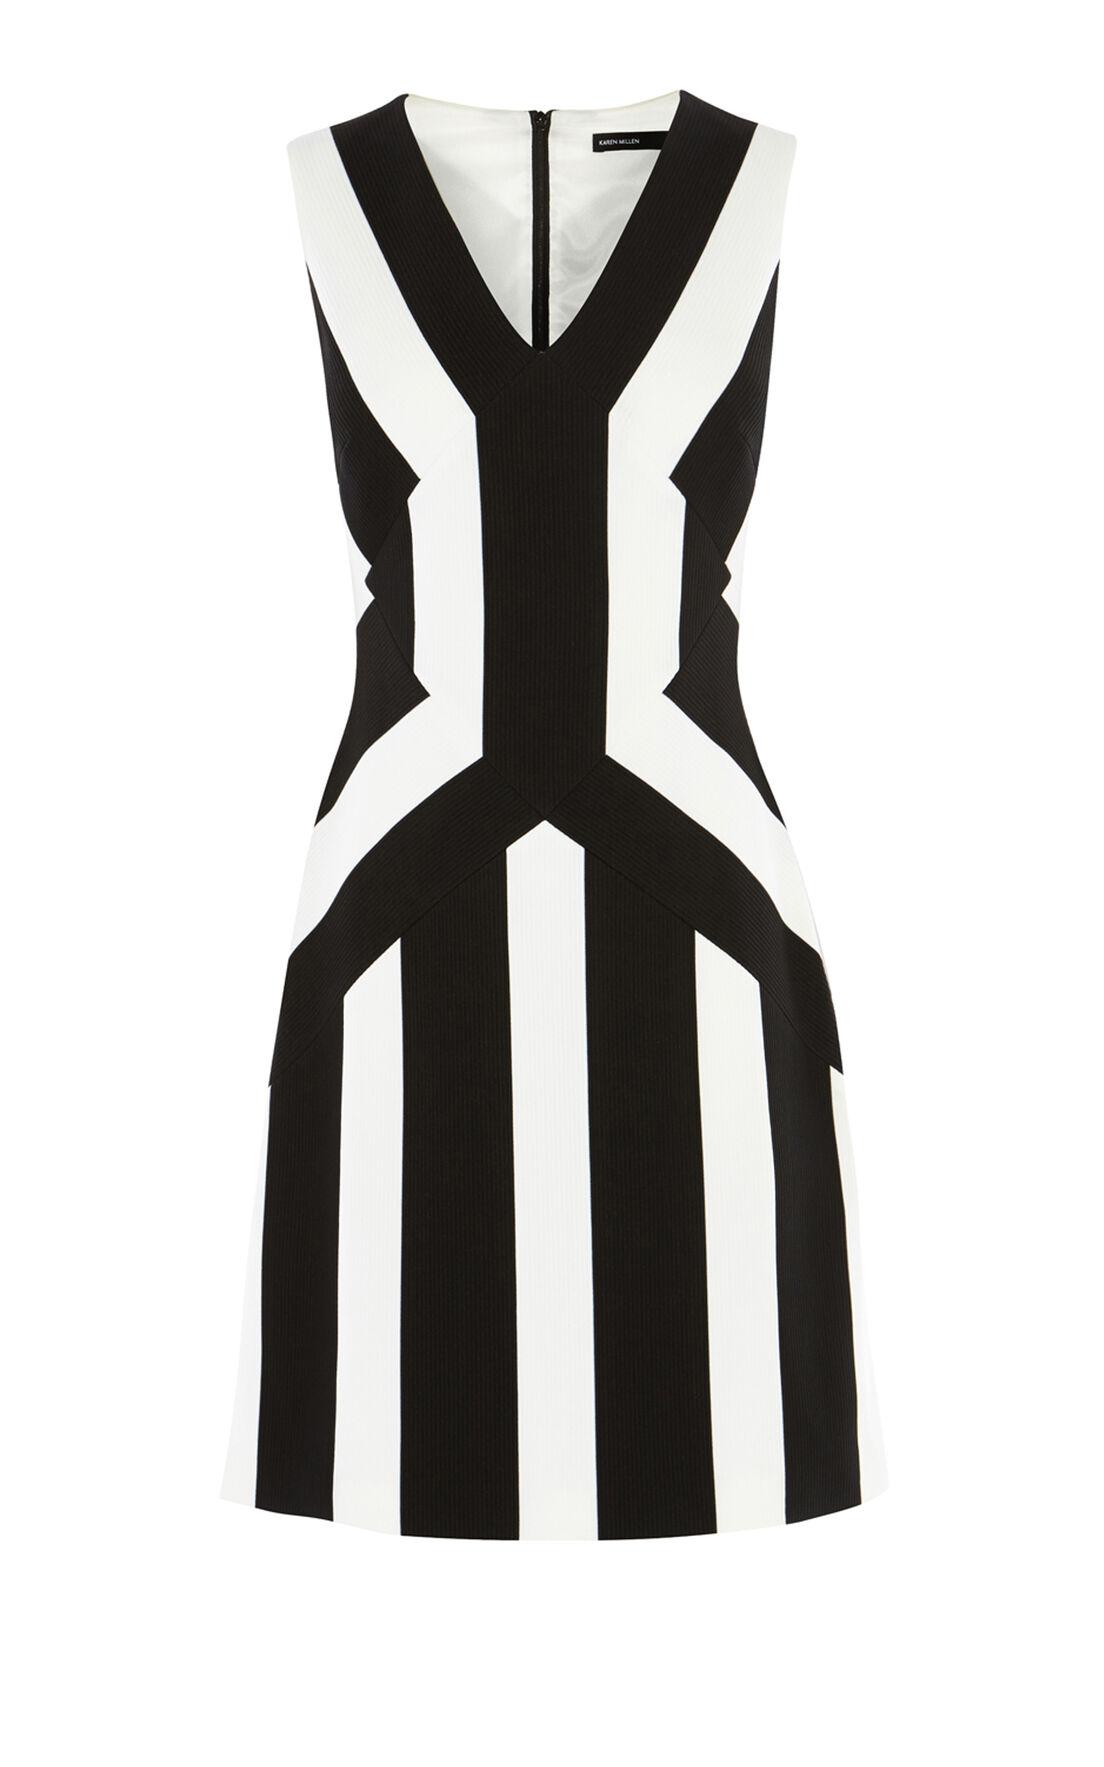 Karen Millen, STRIPED A-LINE DRESS Blk&Wht 0